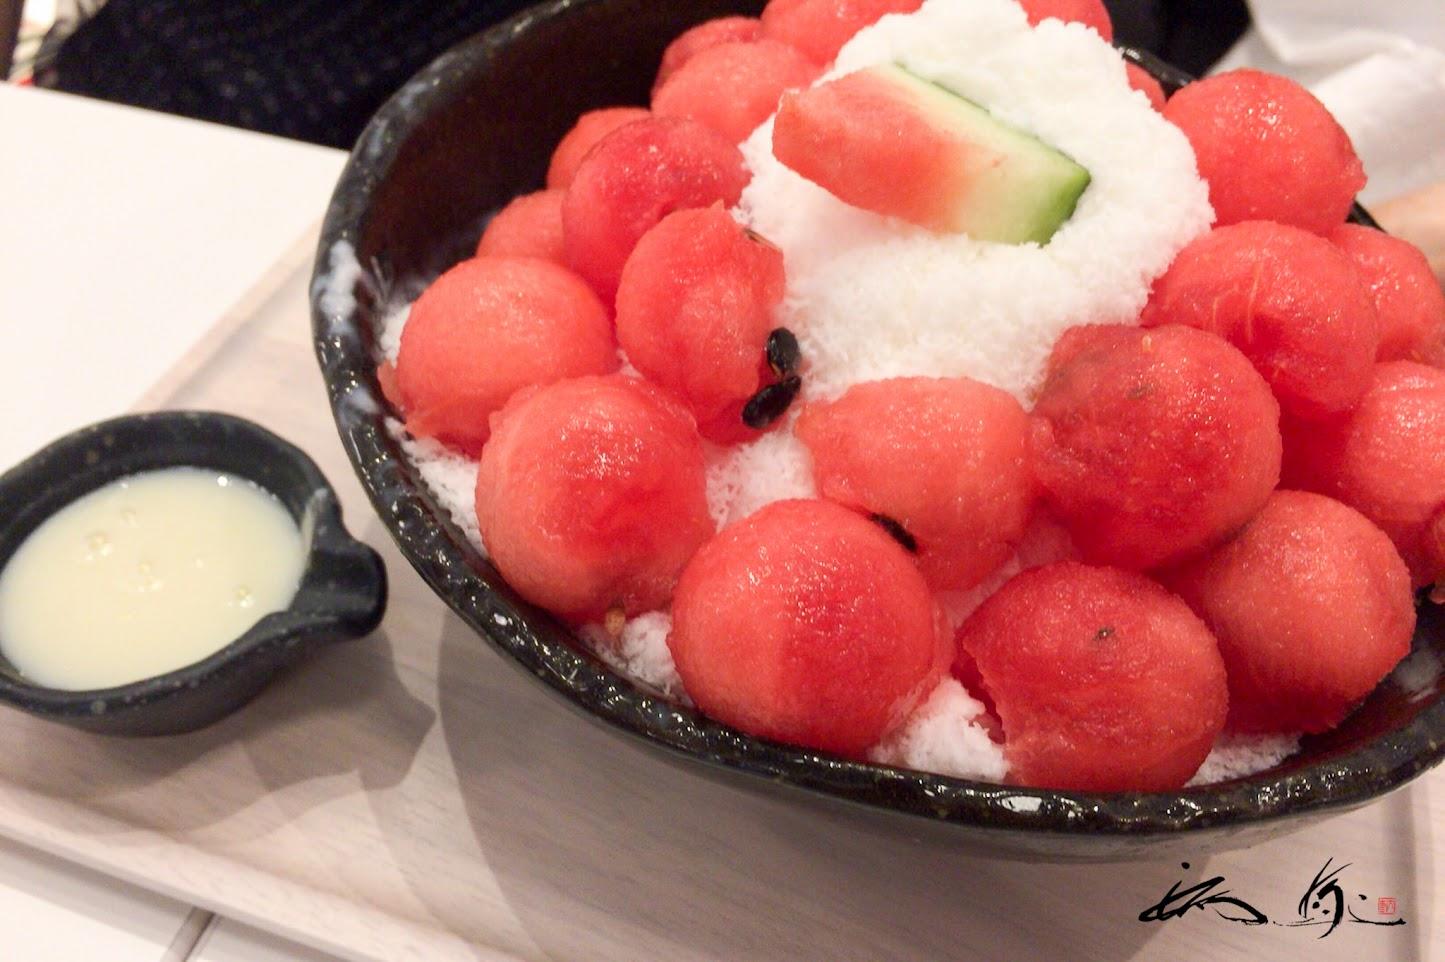 季節のフルーツは、鳥取県産の大栄スイカ